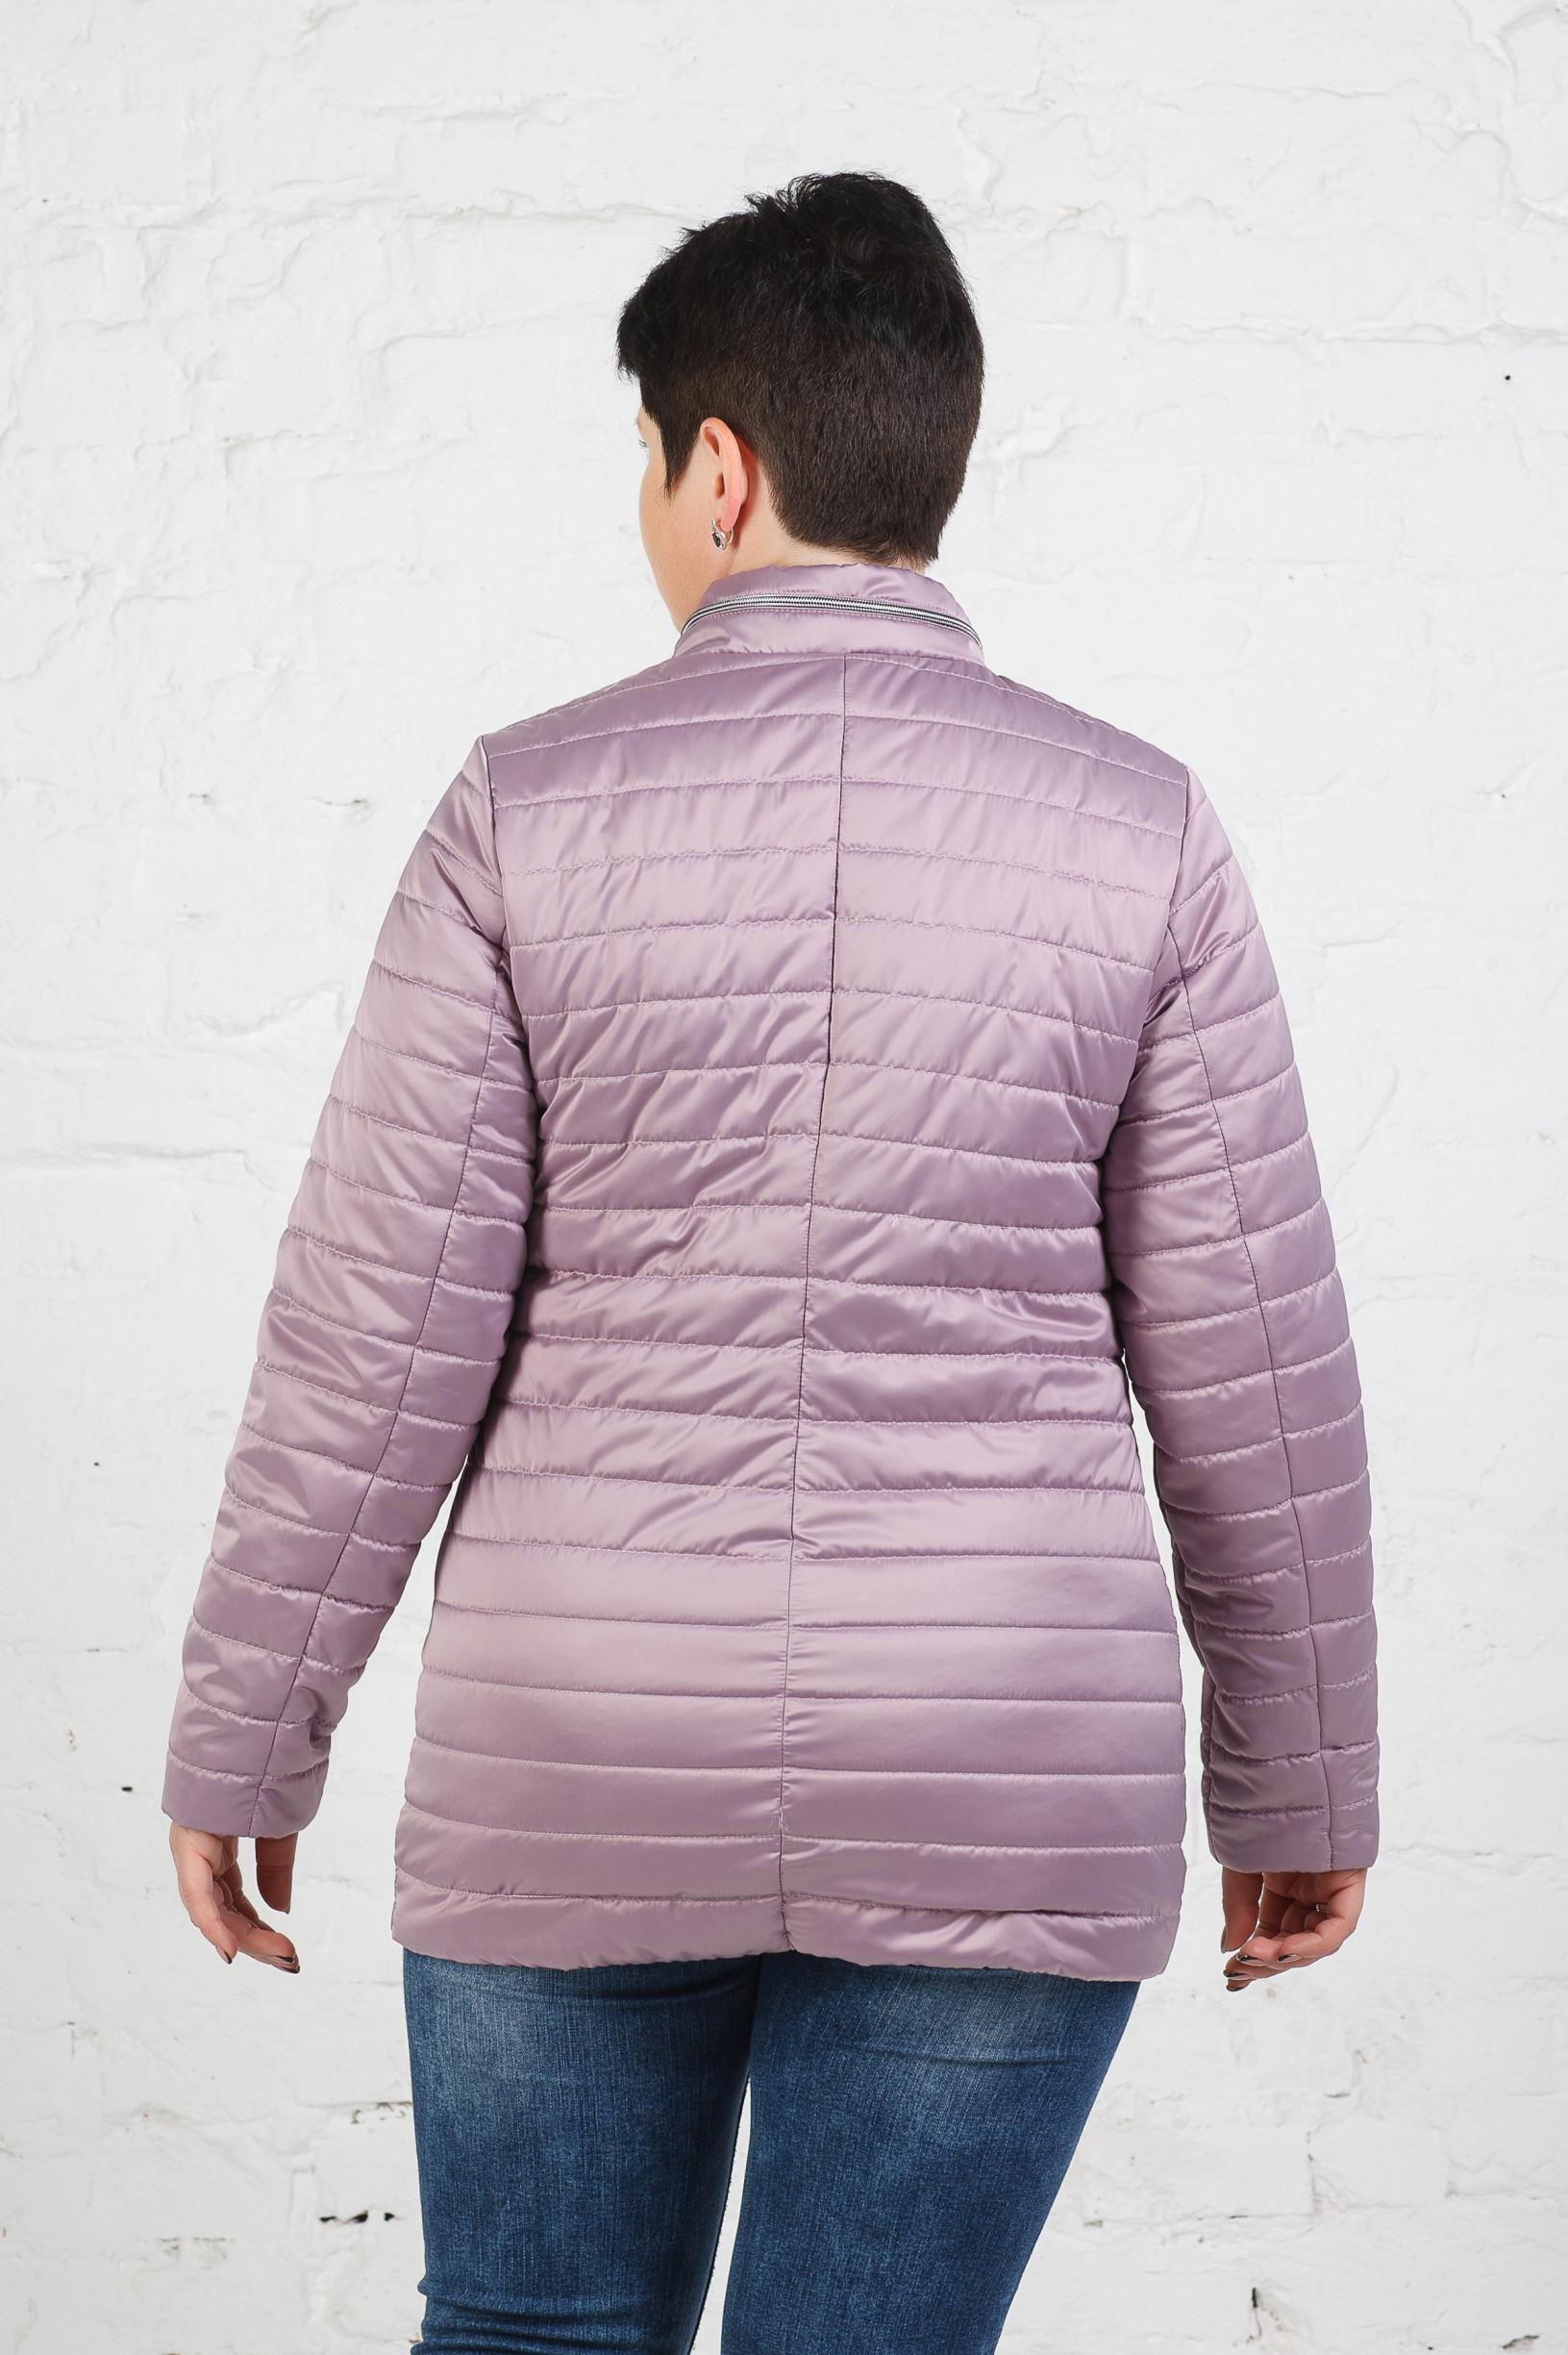 Легкая куртка-пиджак Хельга пудра